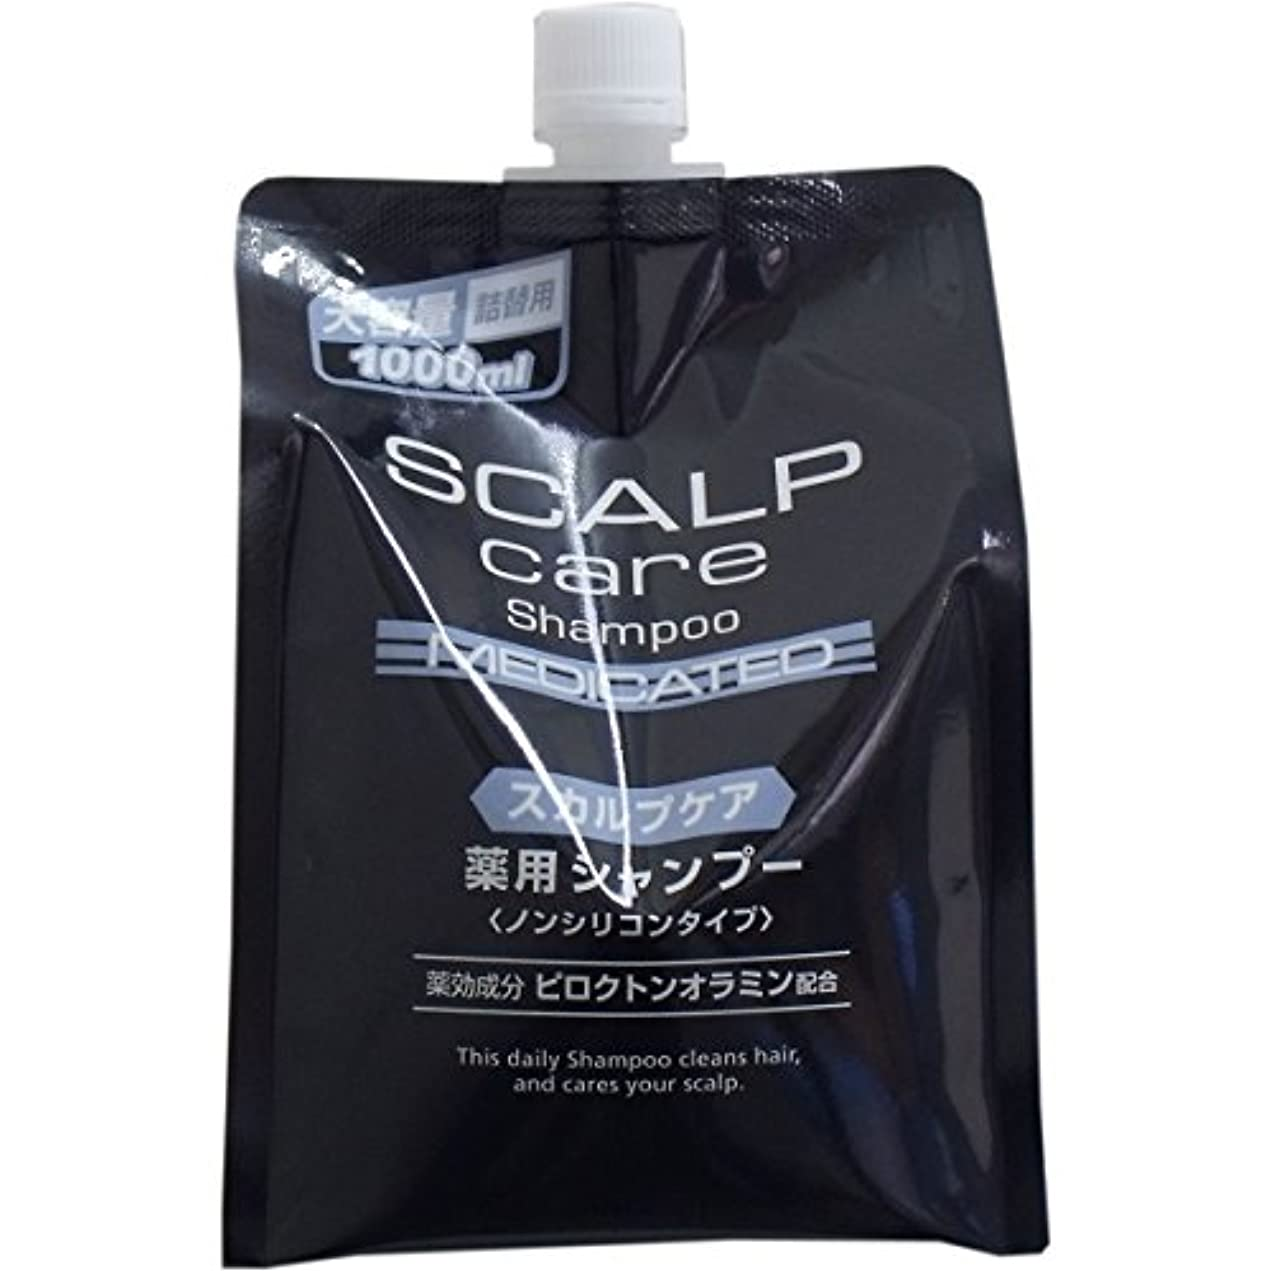 ピース薬品 スカルプシャンプー 大容量詰替用 1000ml